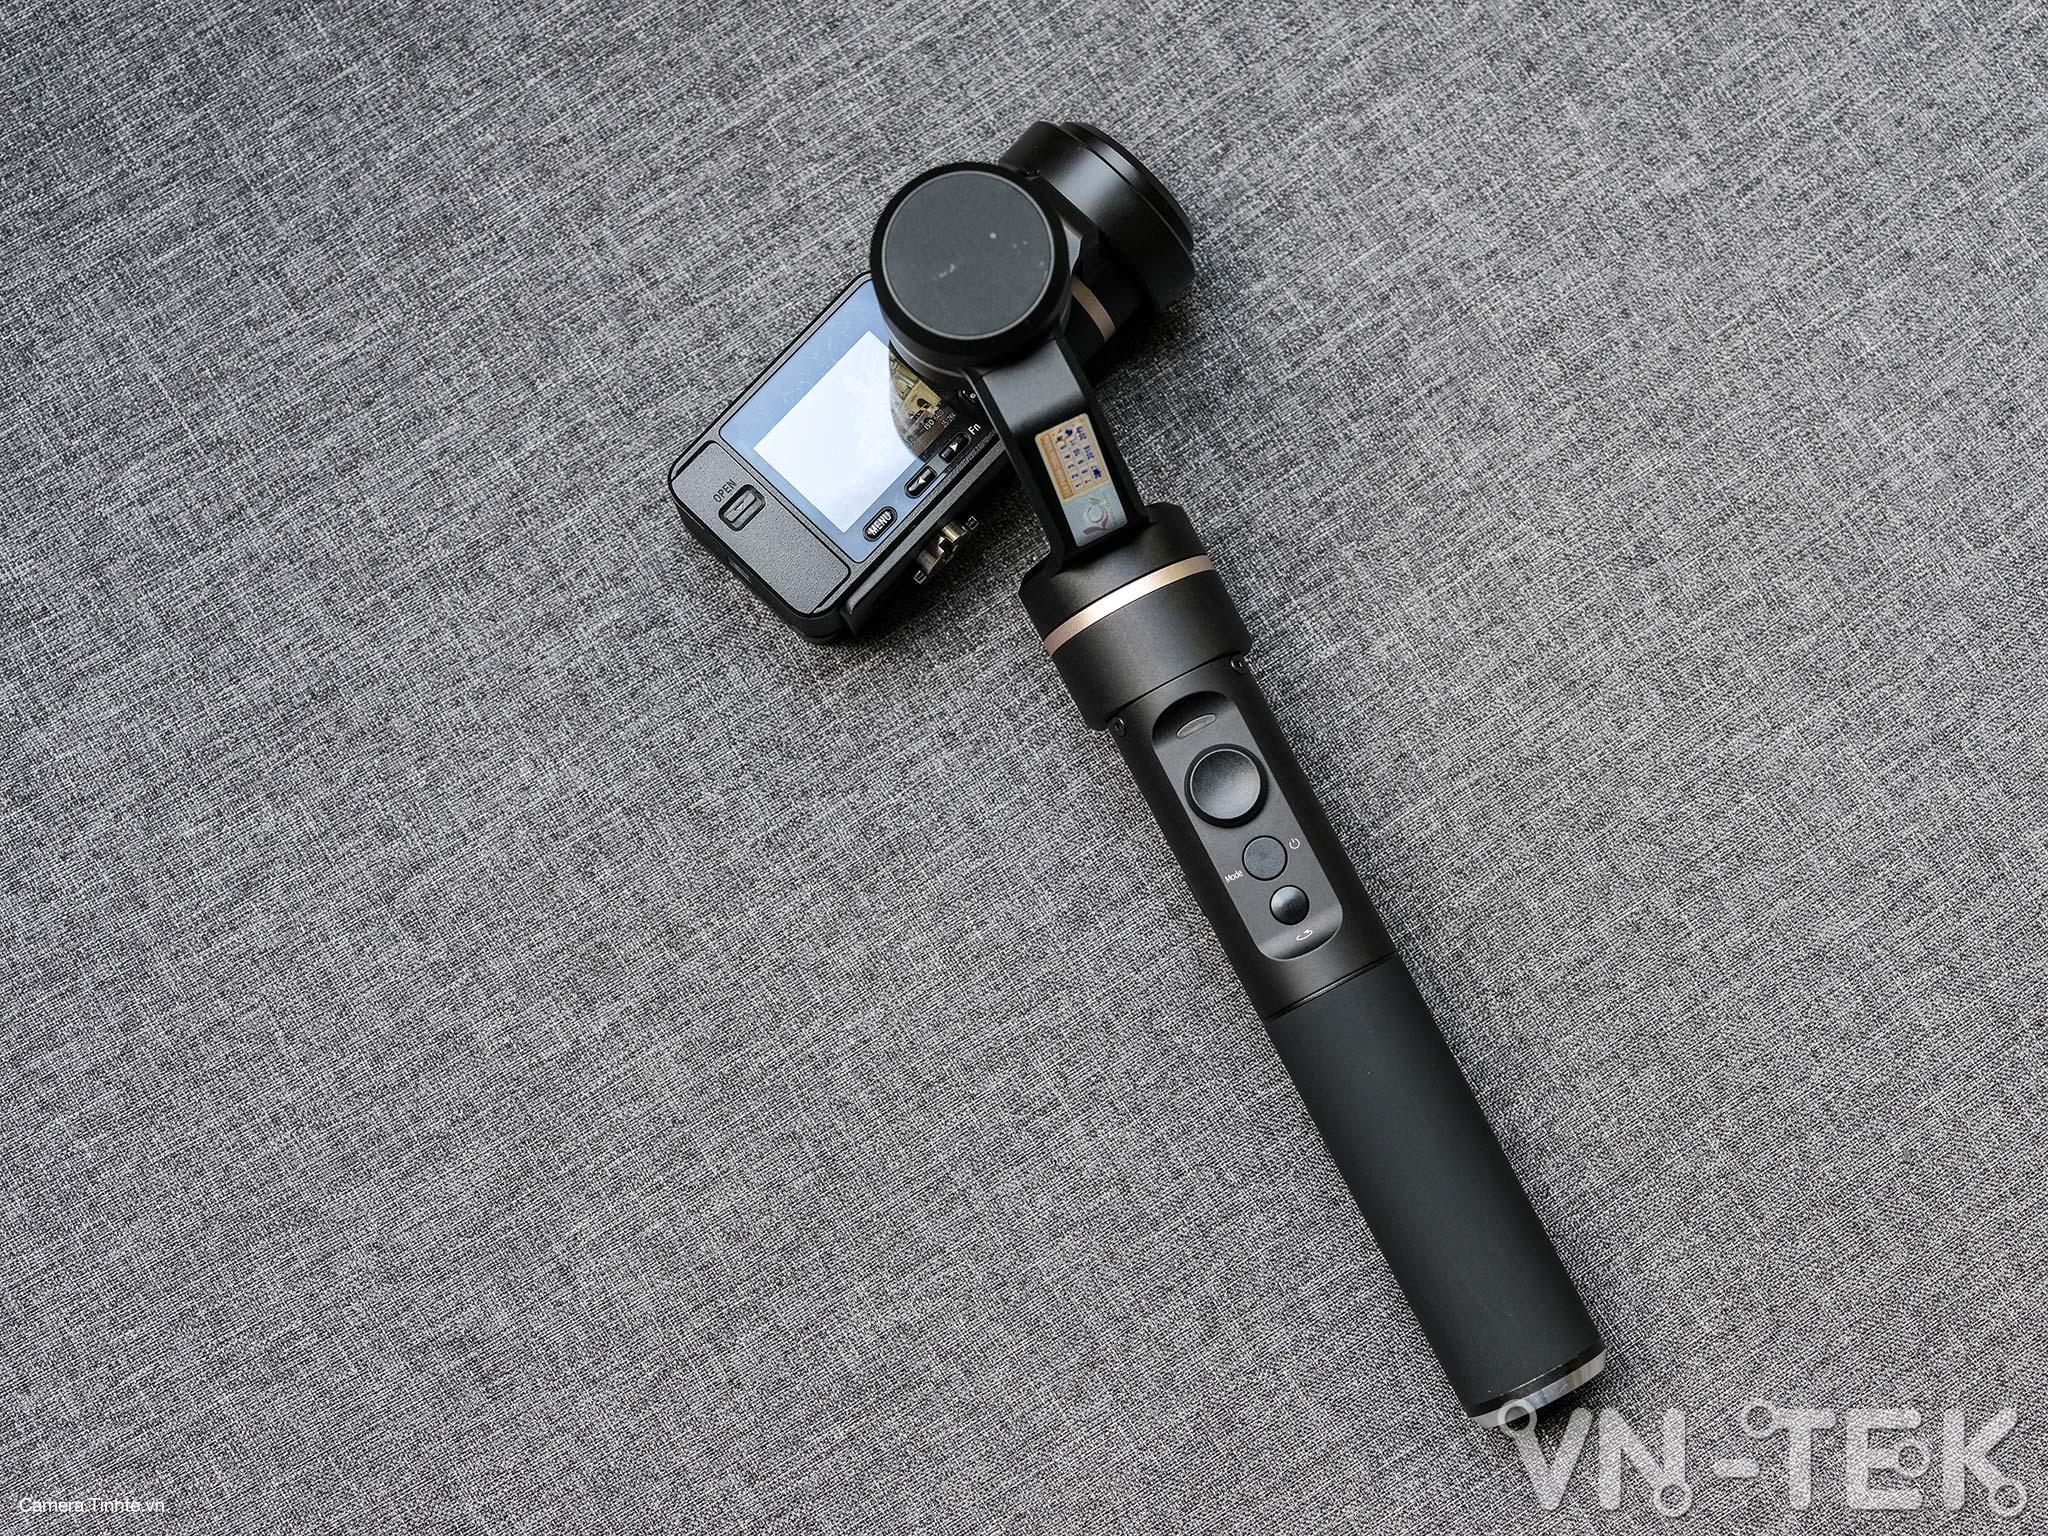 gimbal feiyu g5 17 - Trên tay và trải nghiệm Gimbal Feiyu G5 bản mod cho Sony RX0